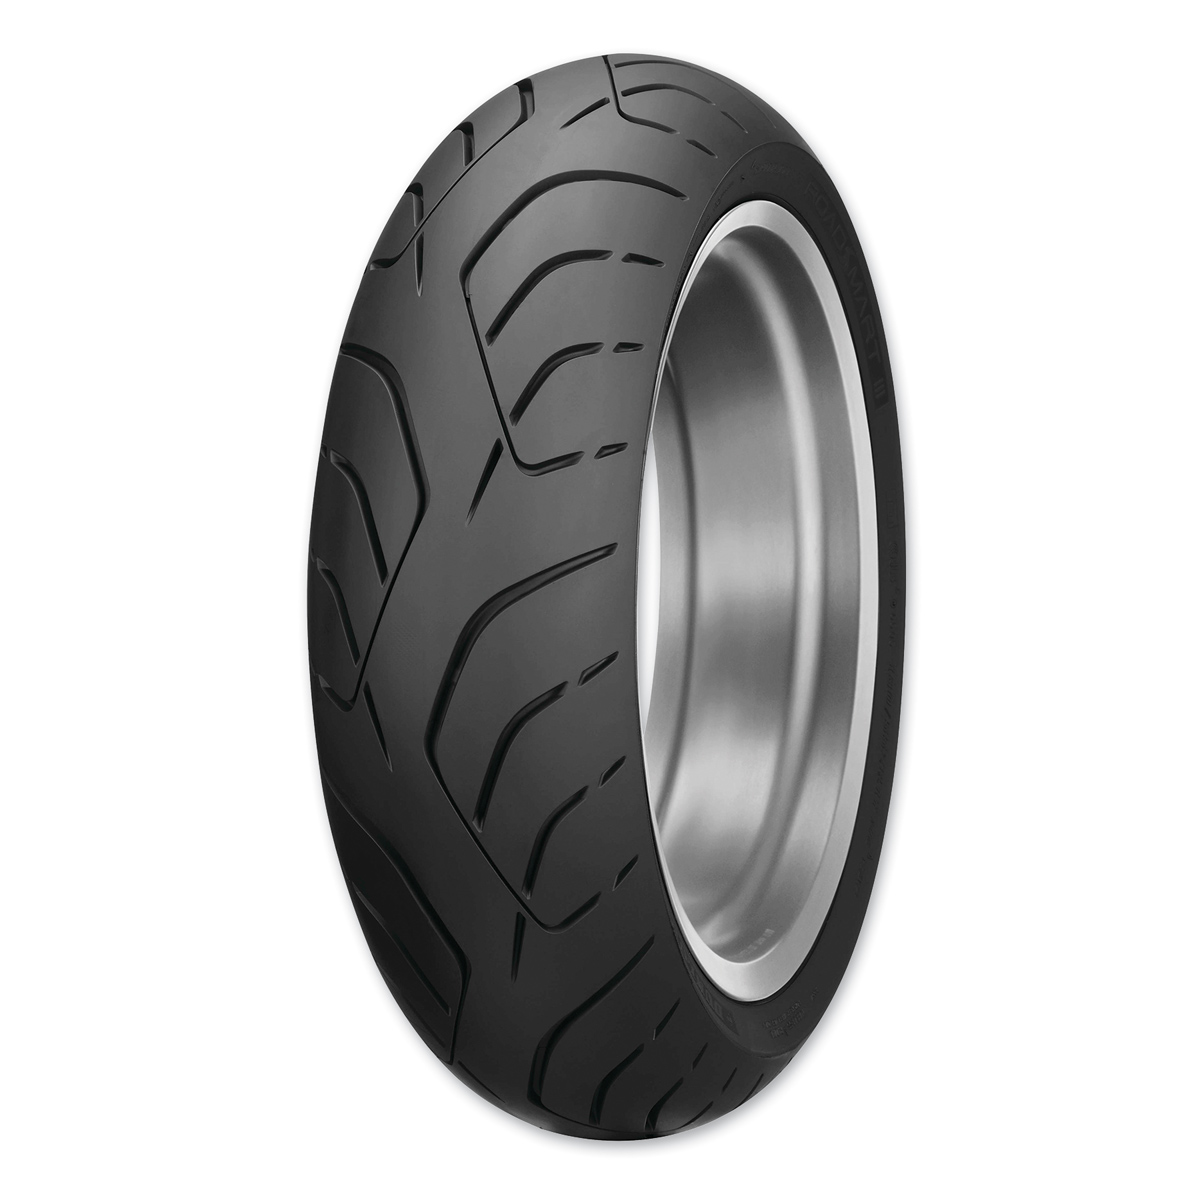 Dunlop Roadsmart III 190/50ZR17 Rear Tire